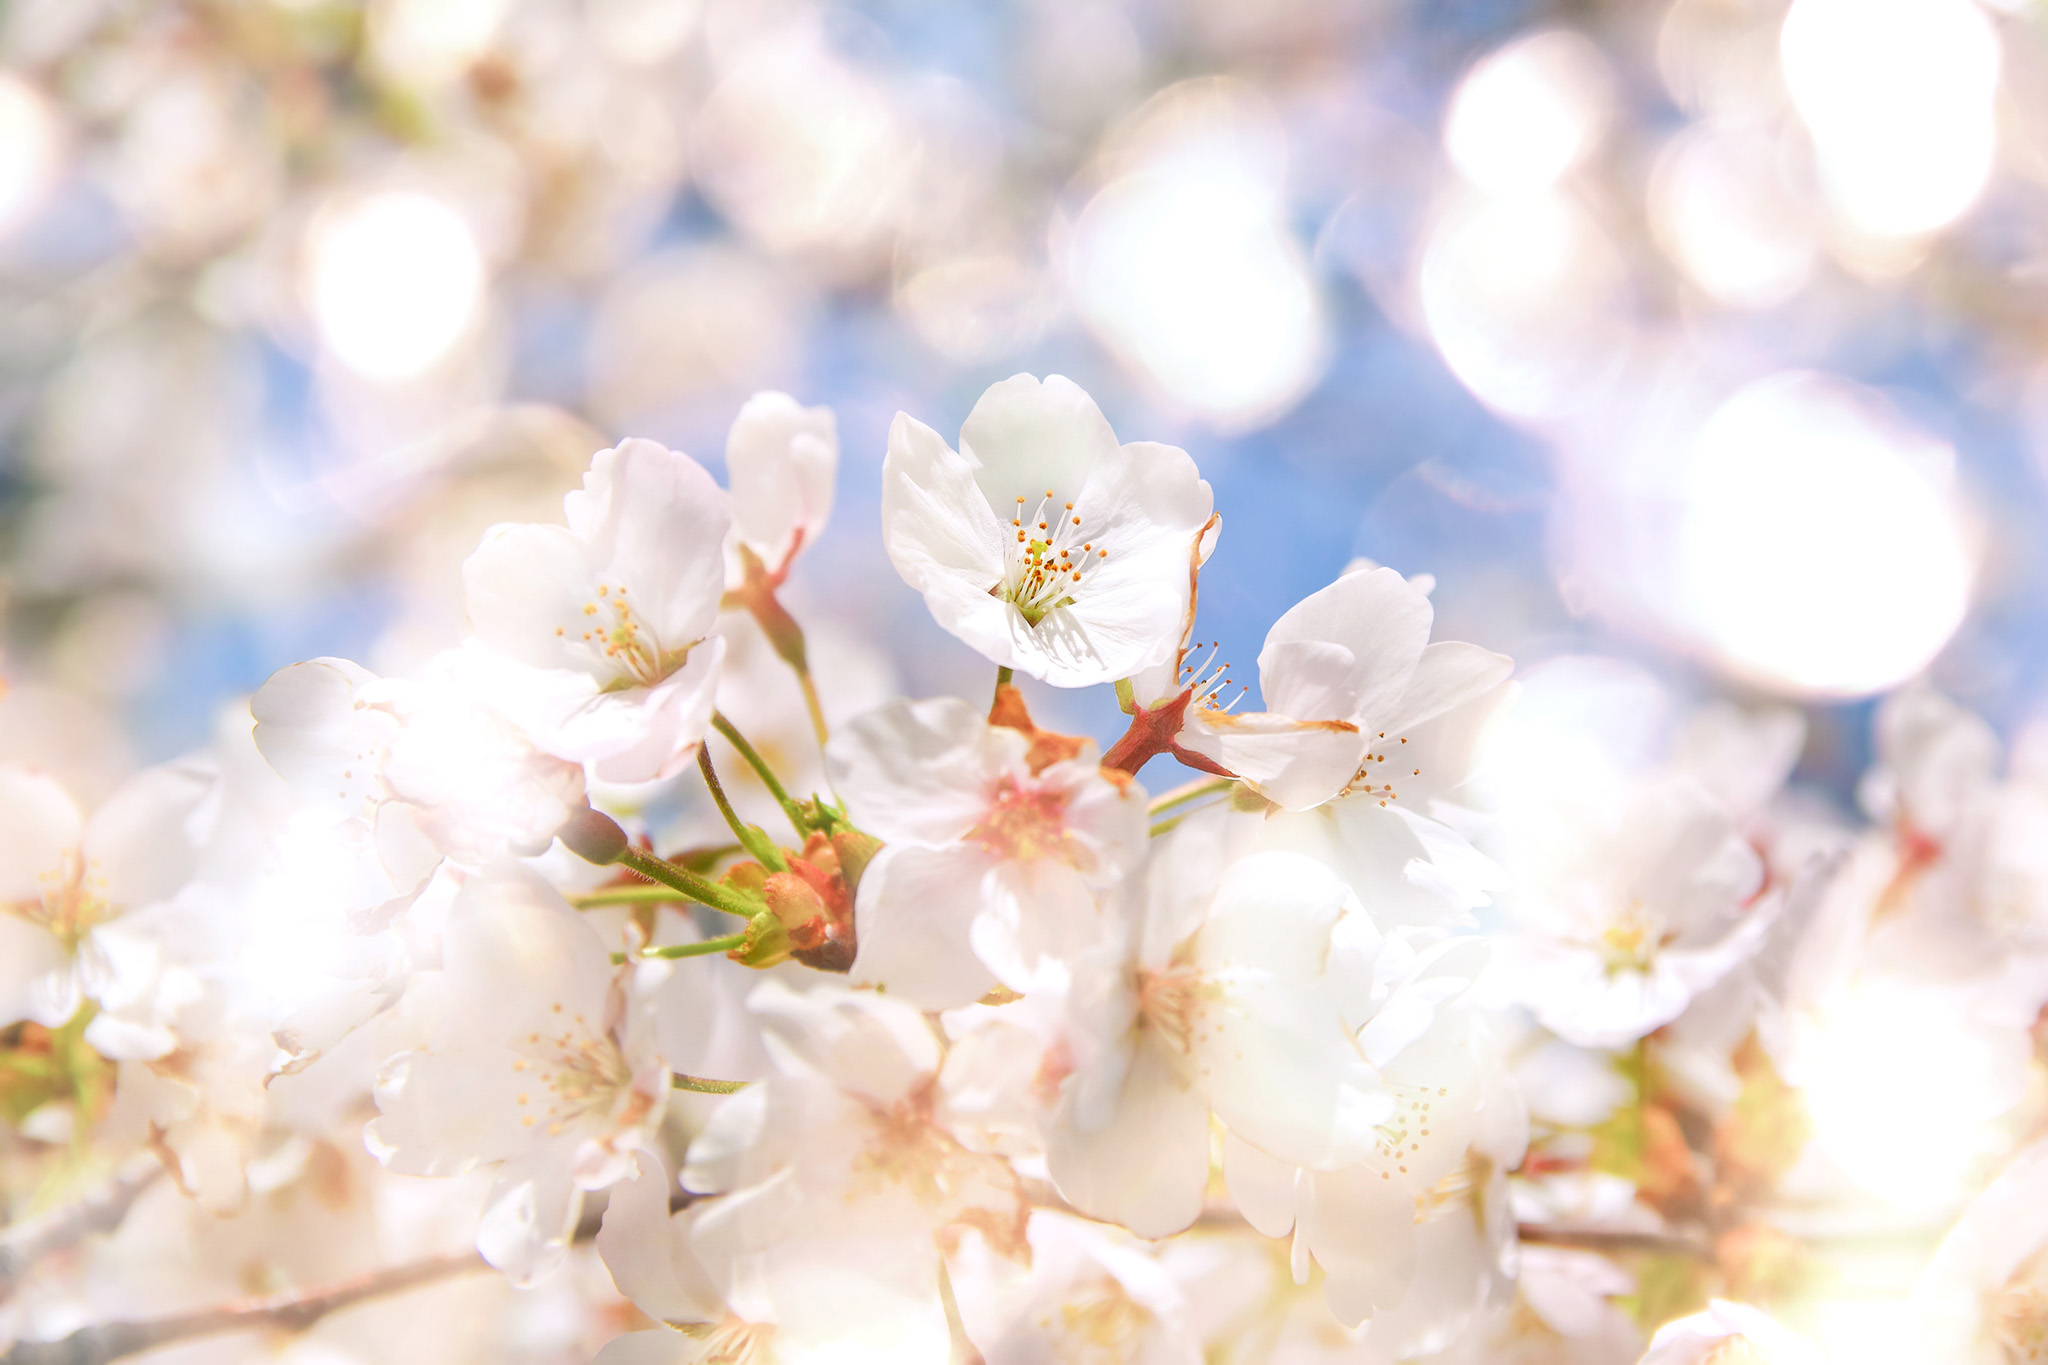 「春の光と桜の花」の背景を無料ダウンロード